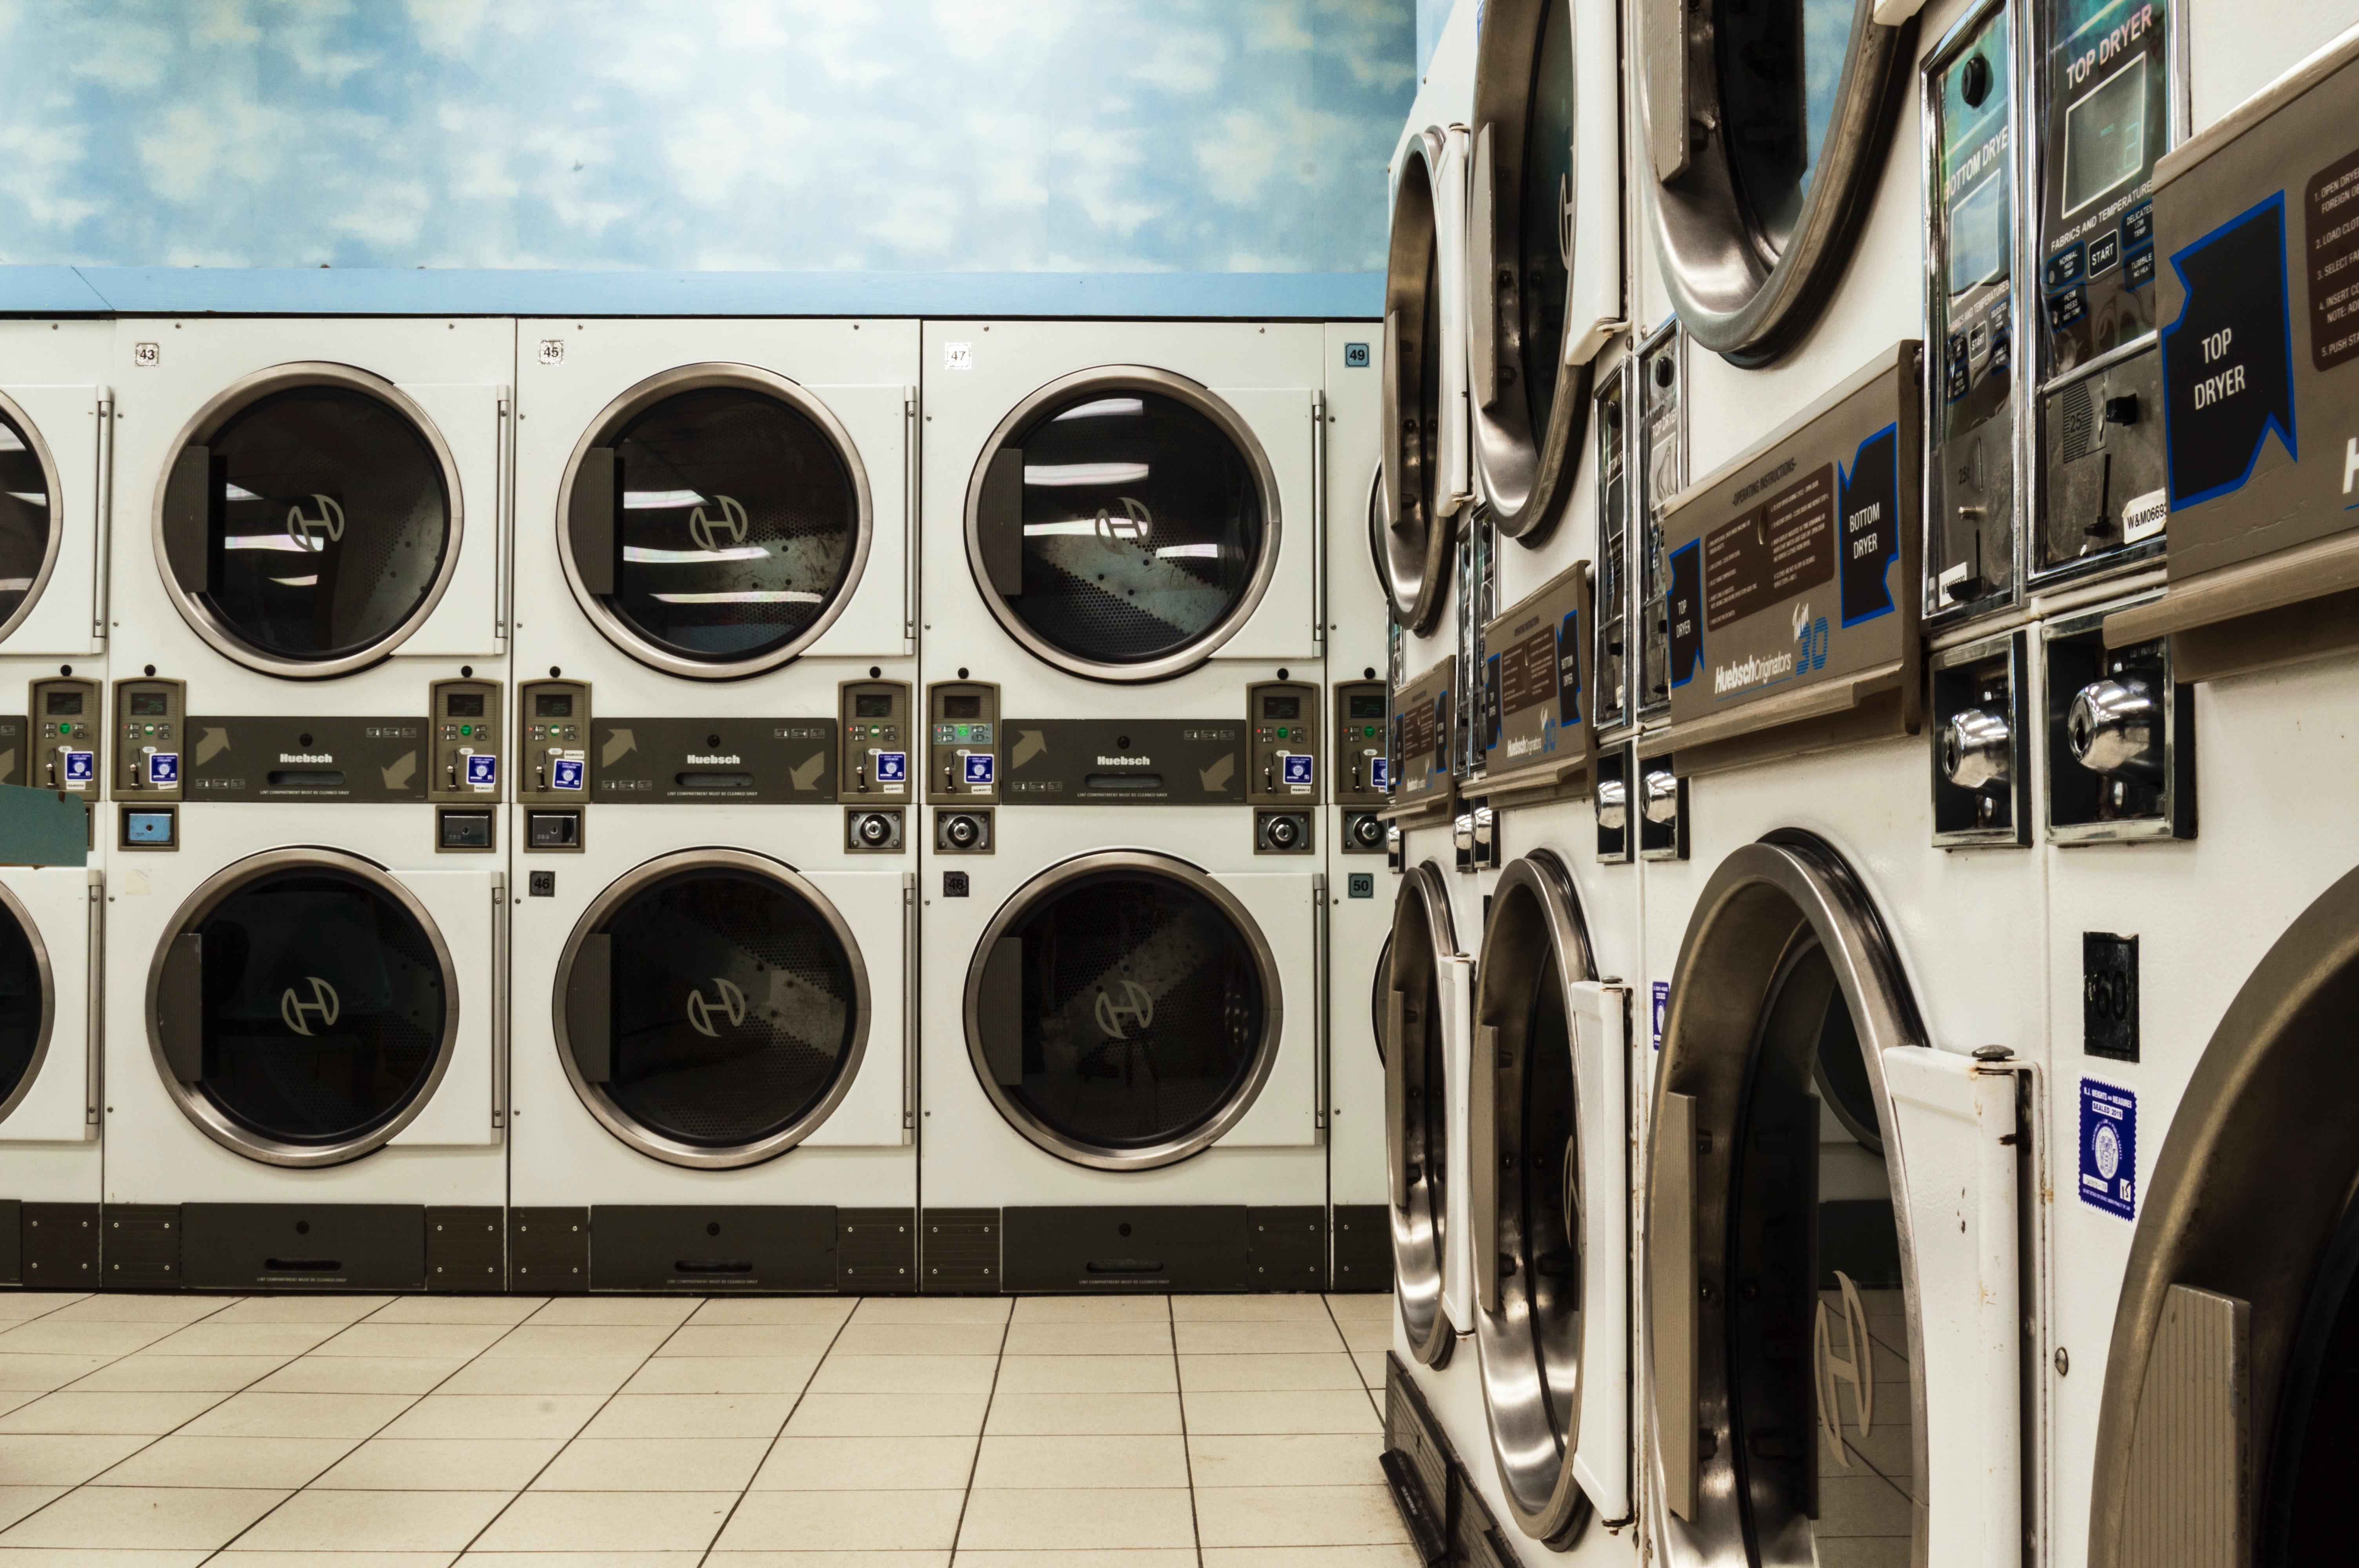 Soluciones RFID para las lavanderías